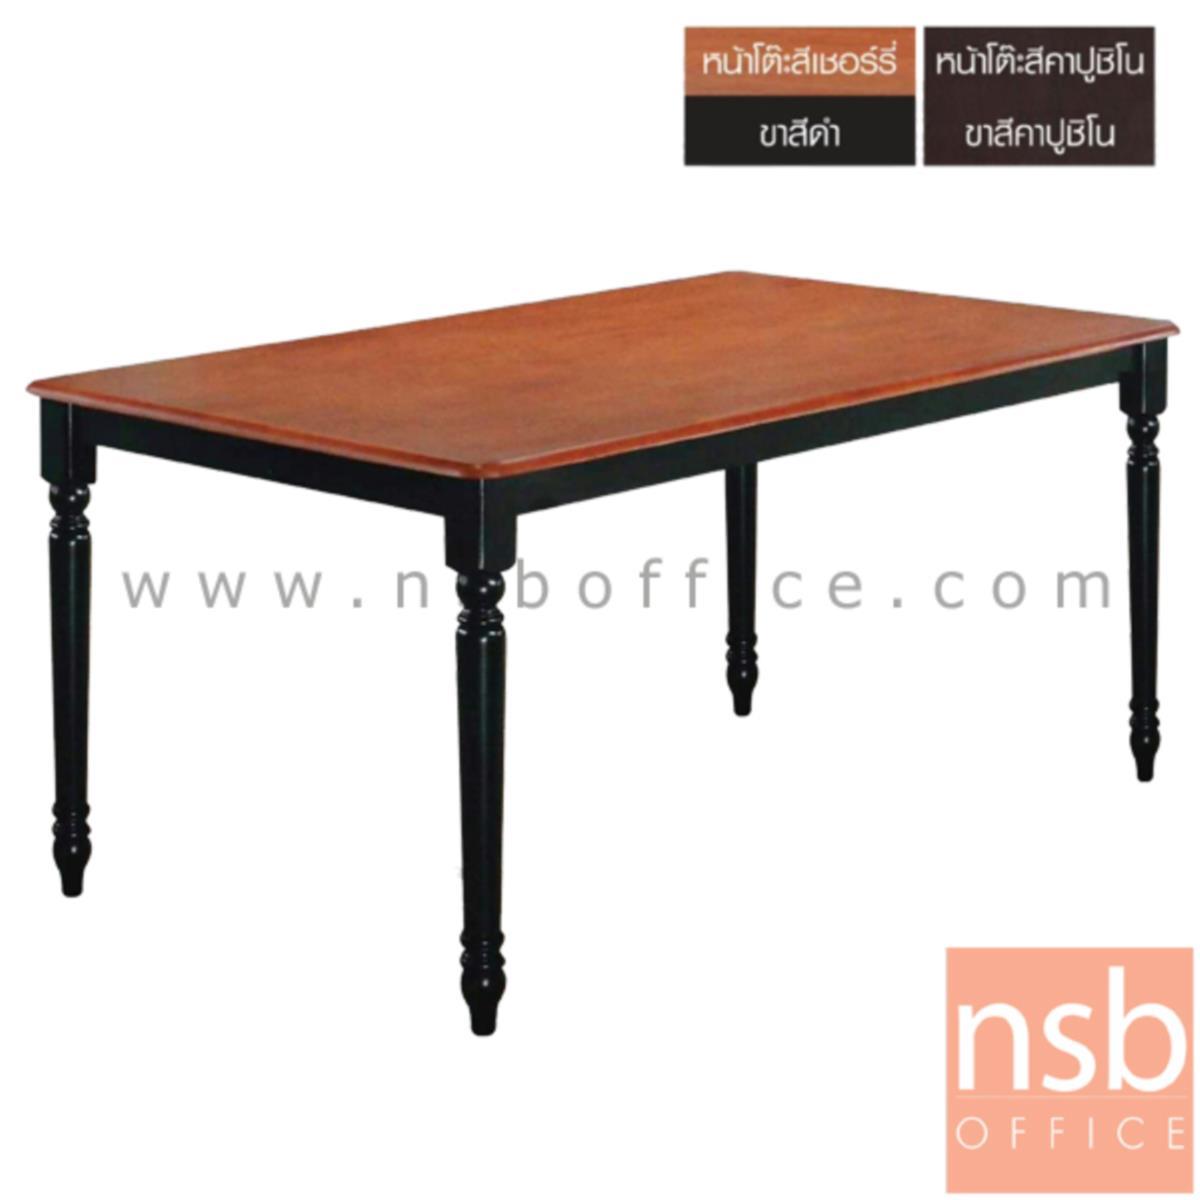 G14A156:โต๊ะรับประทานอาหารหน้าไม้วีเนียร์ รุ่น Hamoud (ฮามอนด์) ขนาด 120W cm. ขาไม้กลึงลาย